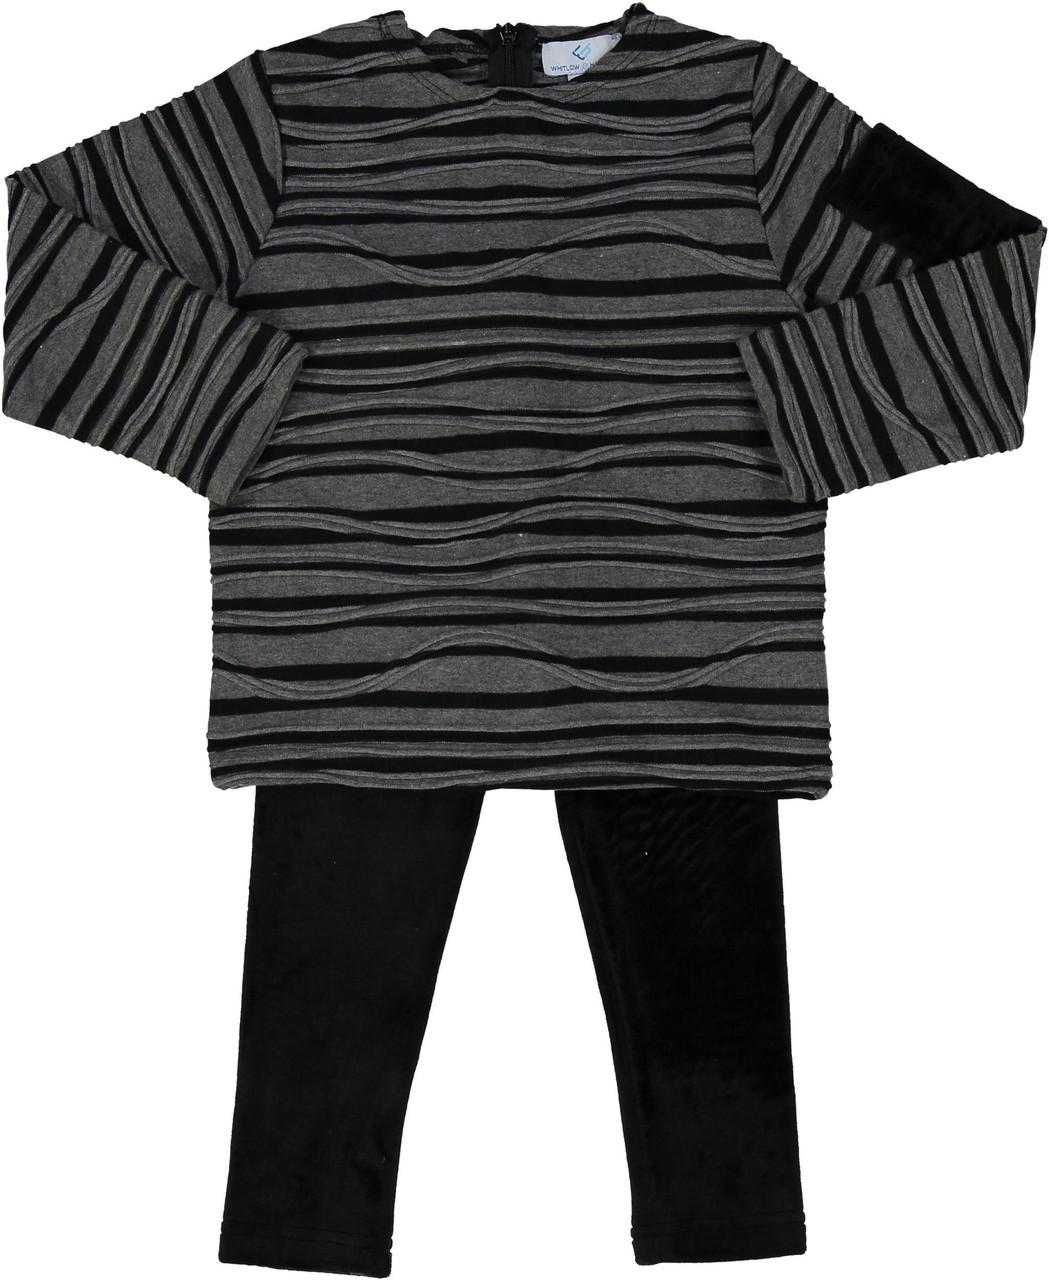 Whitlow & Hawkins Baby Boys Zebra Stripe Outfit - WHF198011